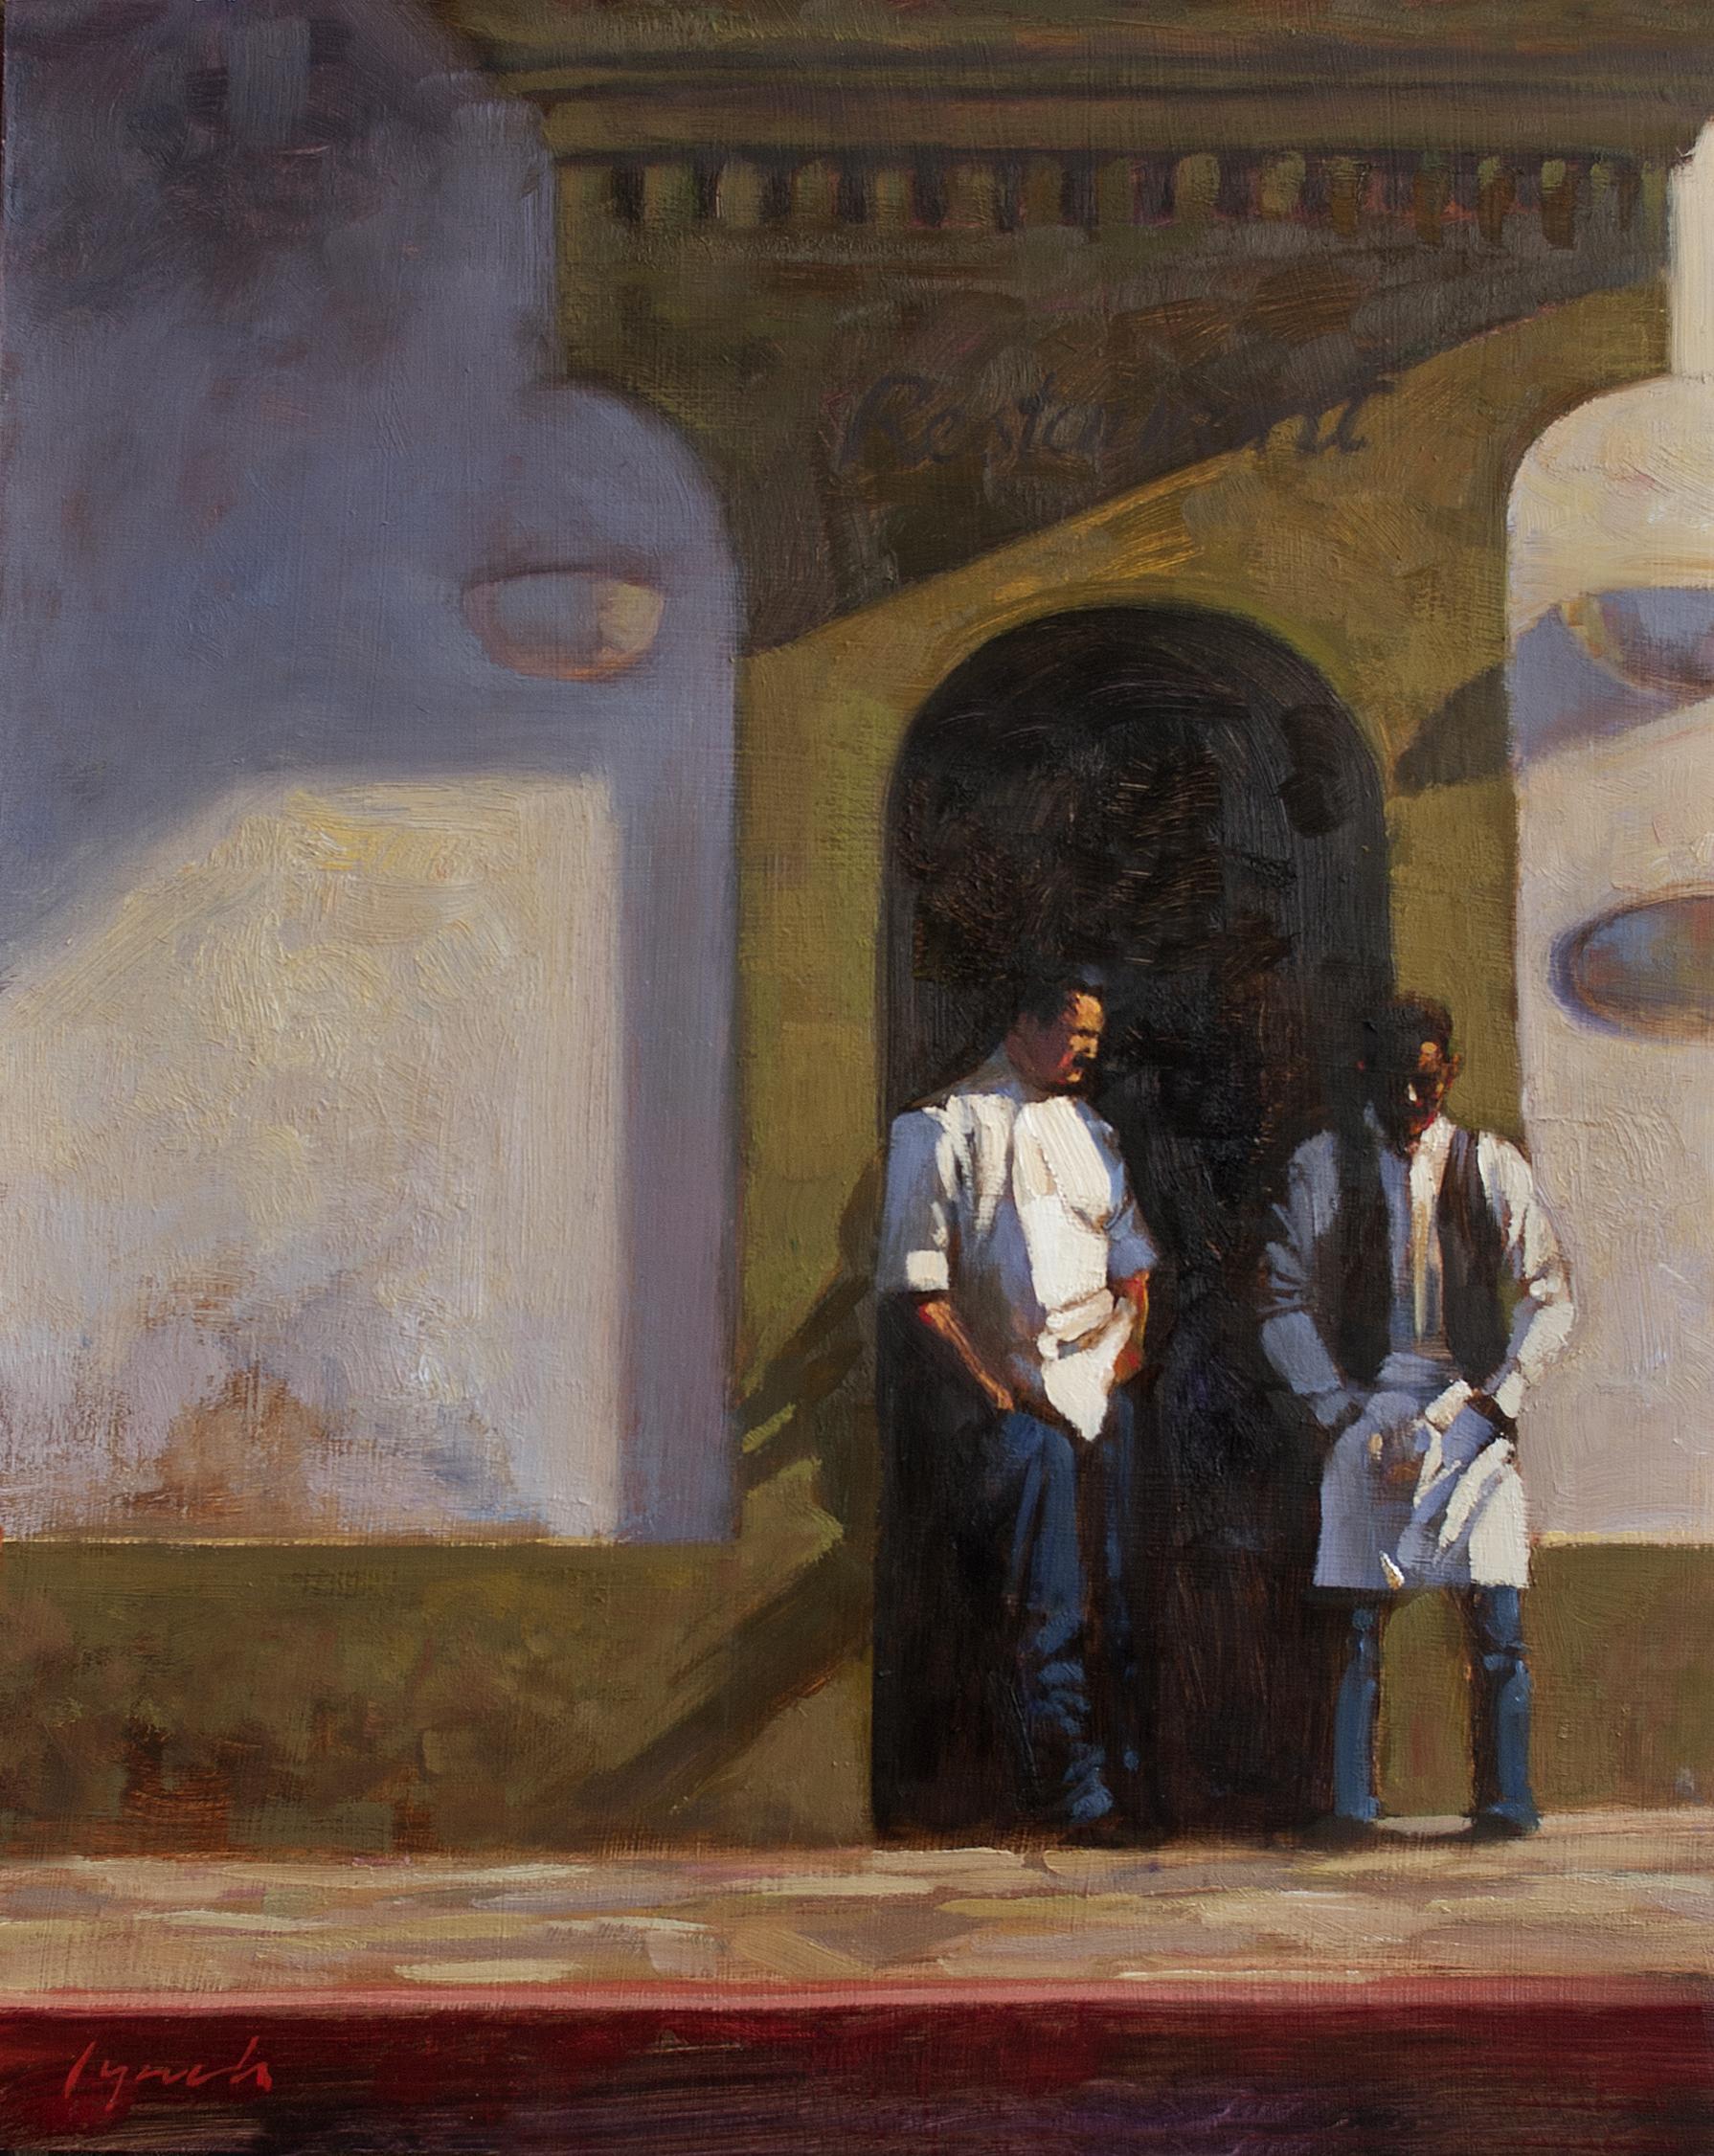 'Santa Fe Cafe' 16 X 20 in. oil on prepared board. Ida Victoria Gallery.